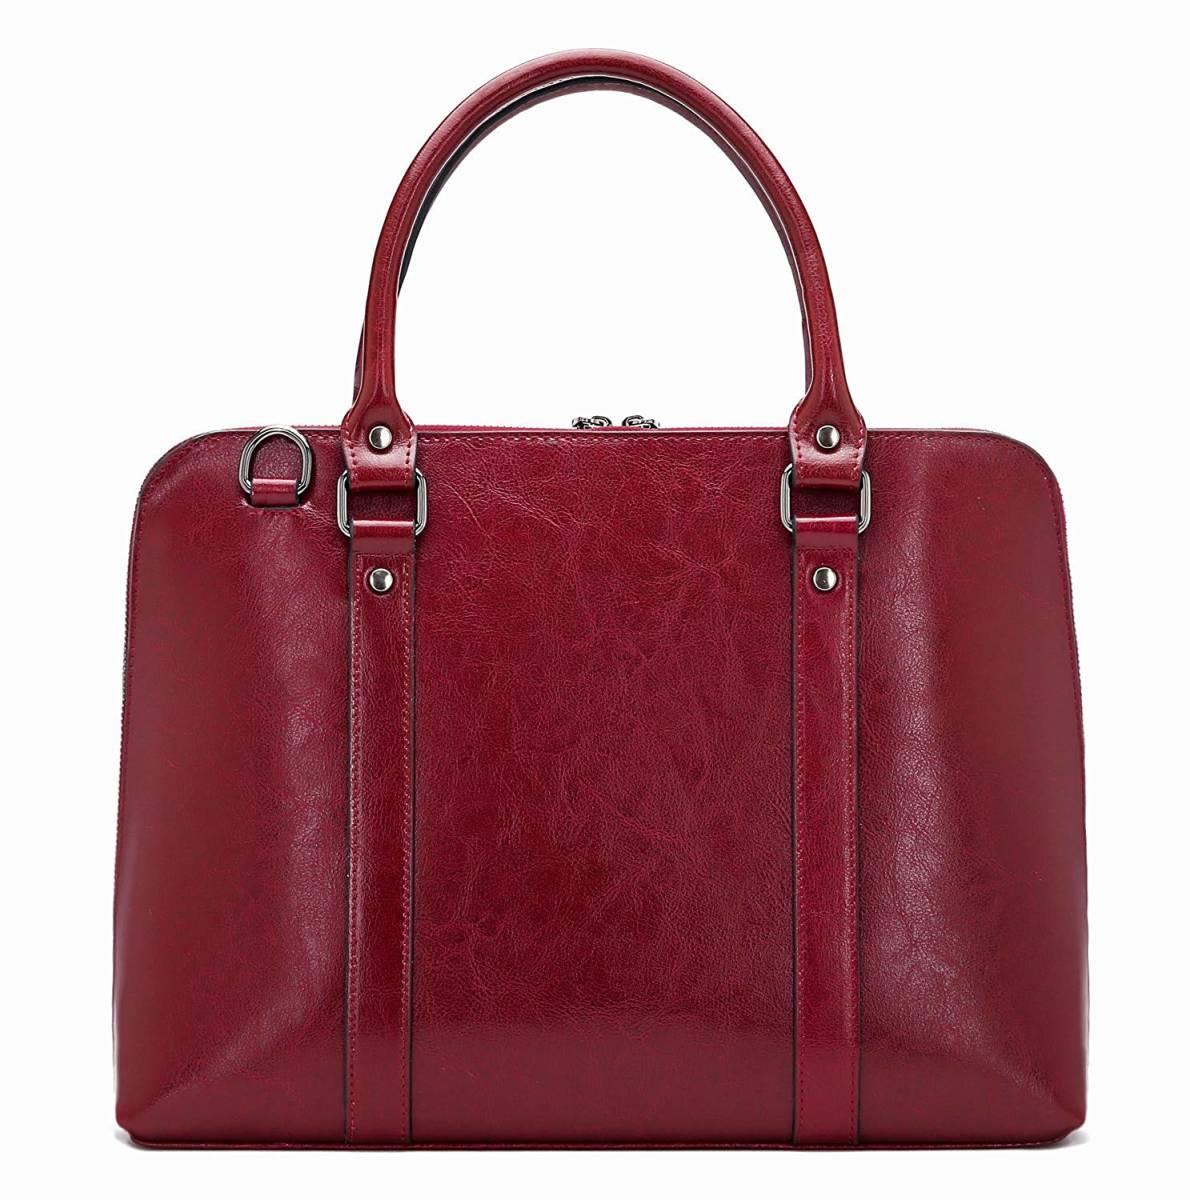 本革 レッド 赤 ワインレッド ビジネスバッグ 書類鞄 ブリーフケース 新品 ショルダーバッグ 2way